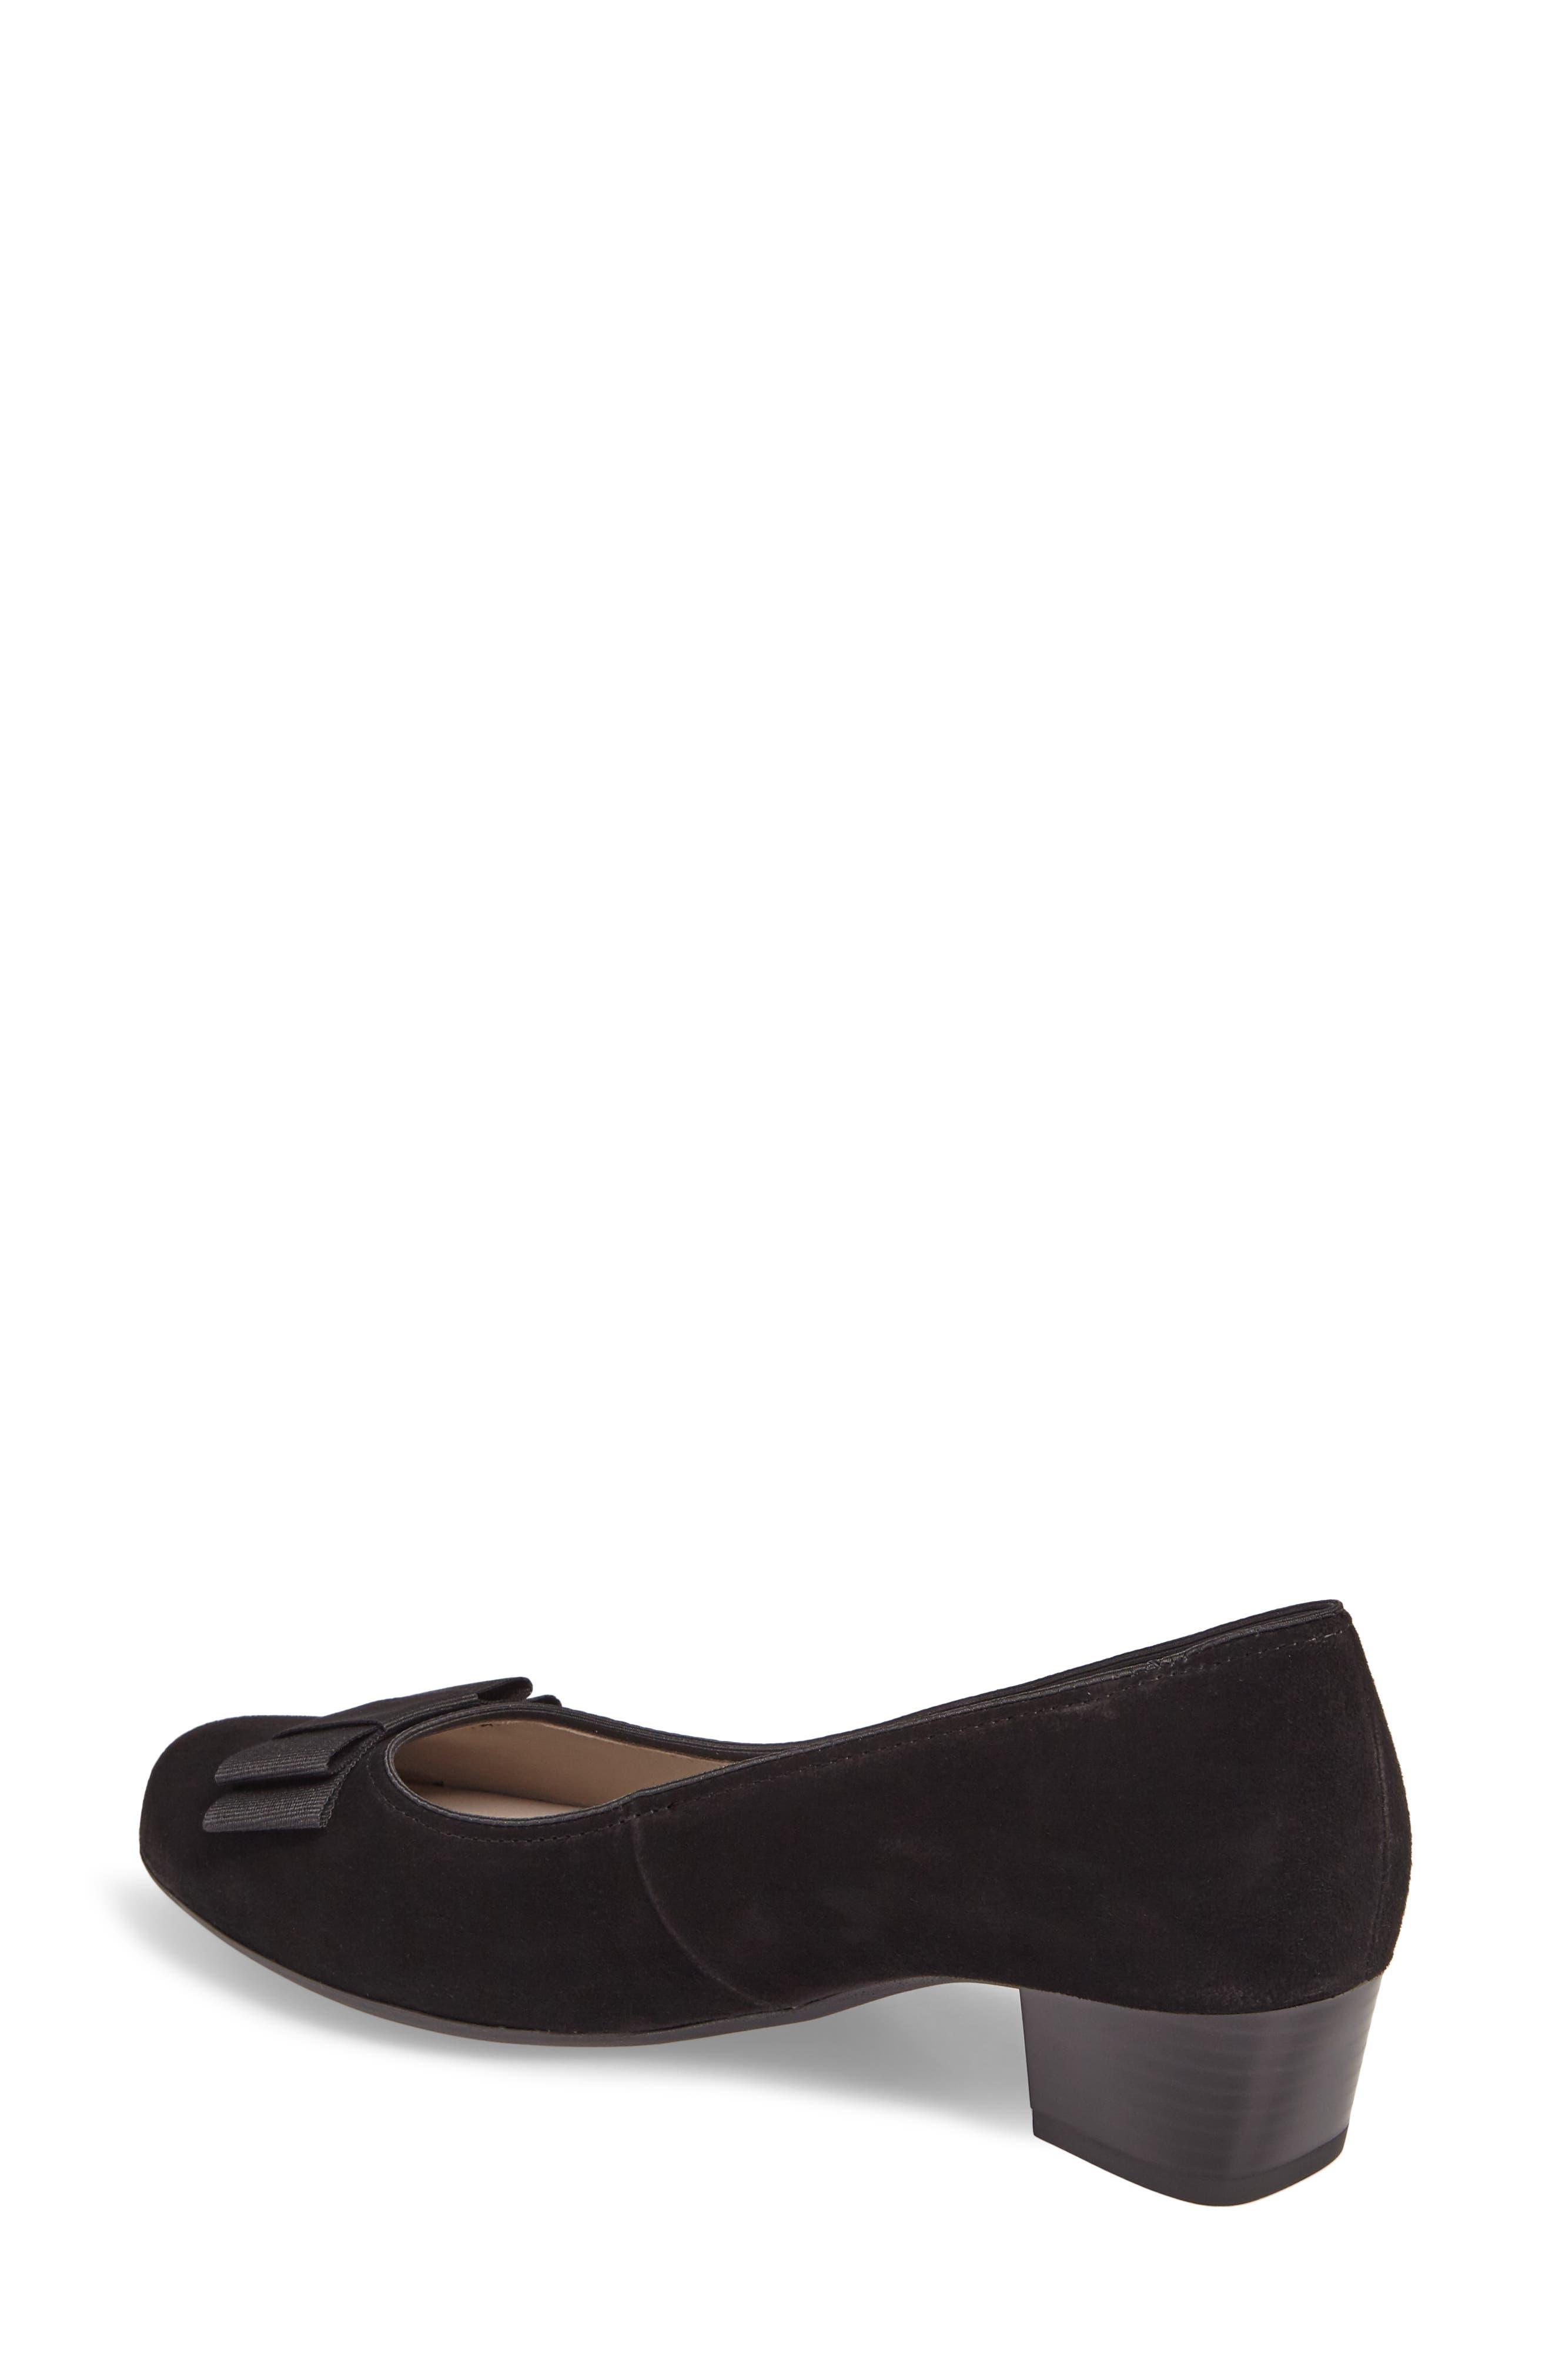 a33734b1fda3 Women's Ara Shoes | Nordstrom